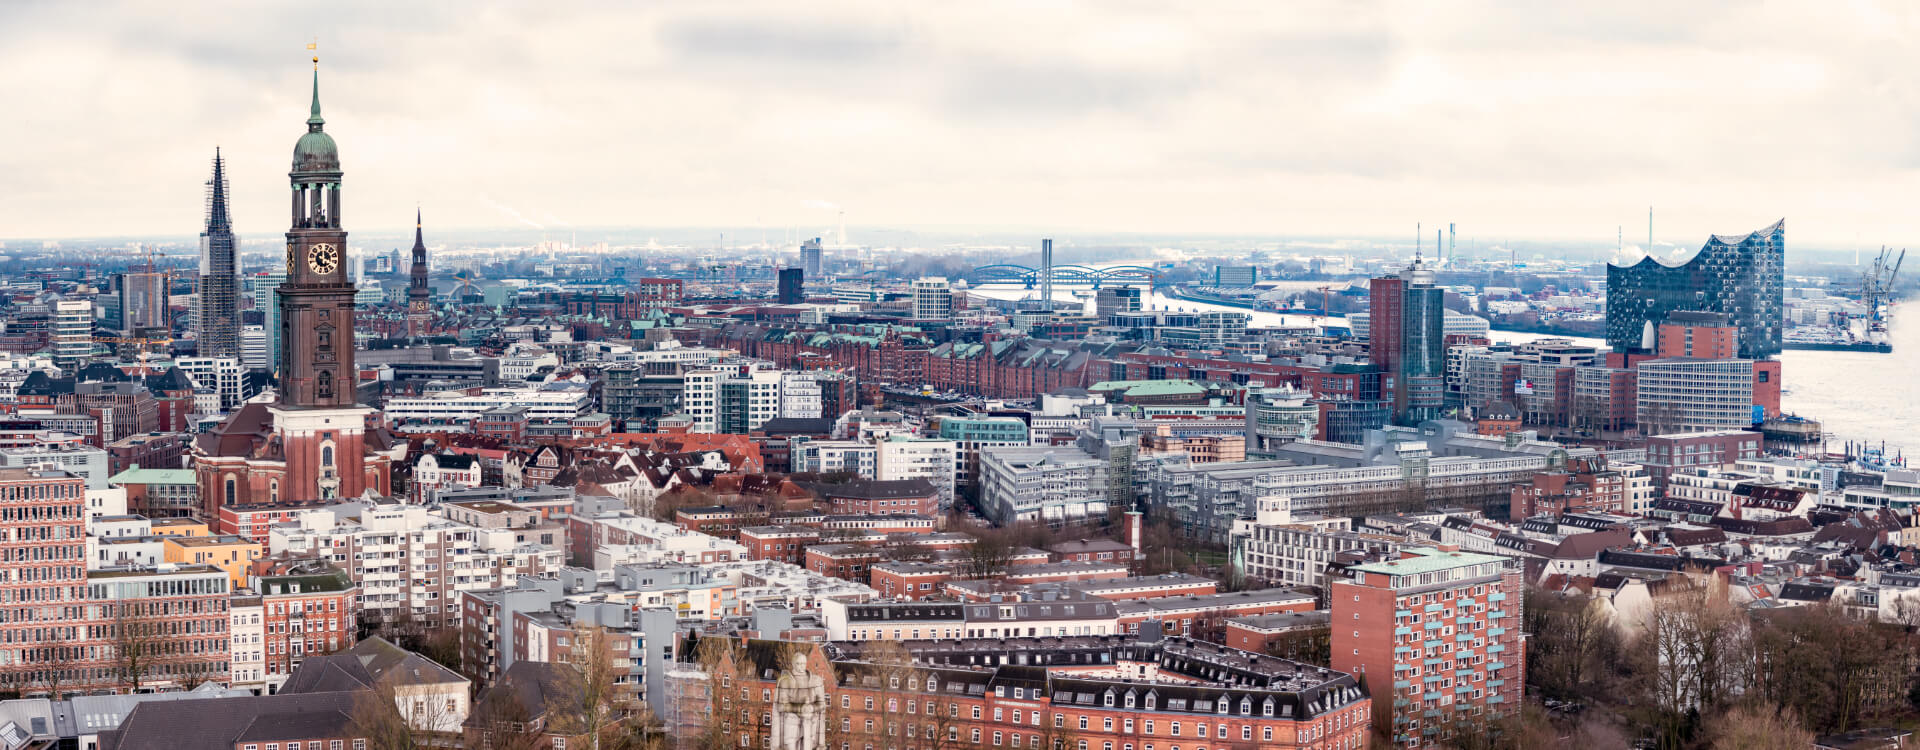 Arzneimittelstrafrecht Hamburg | Mirko Laudon ist Anwalt für Strafrecht in Hamburg